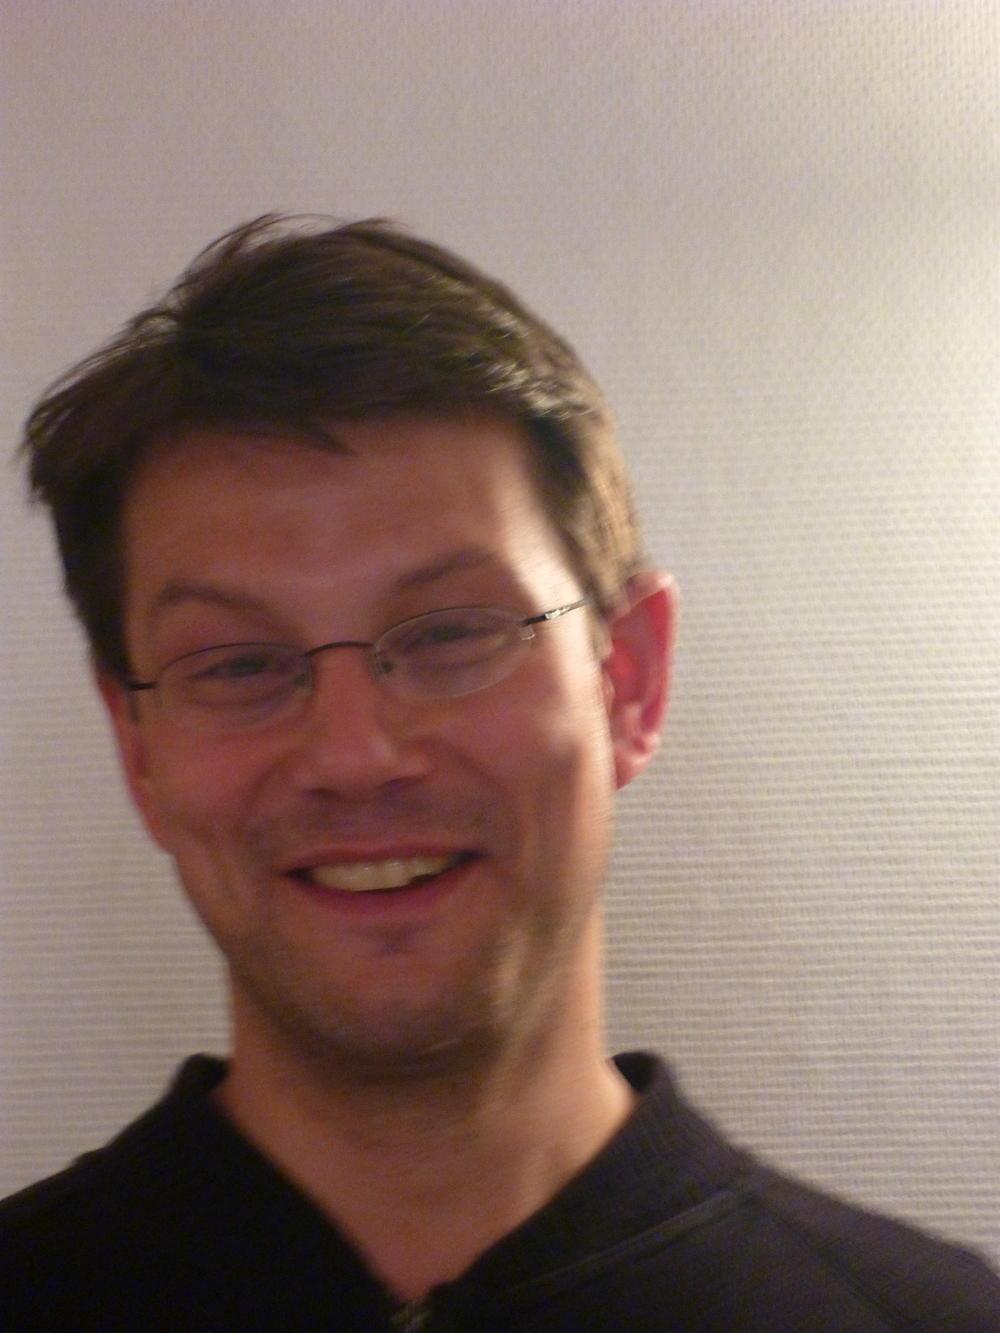 Pfarrer Lichtenstein. Dr. <b>Michael Lichtenstein</b> - Michael_lichtenstein